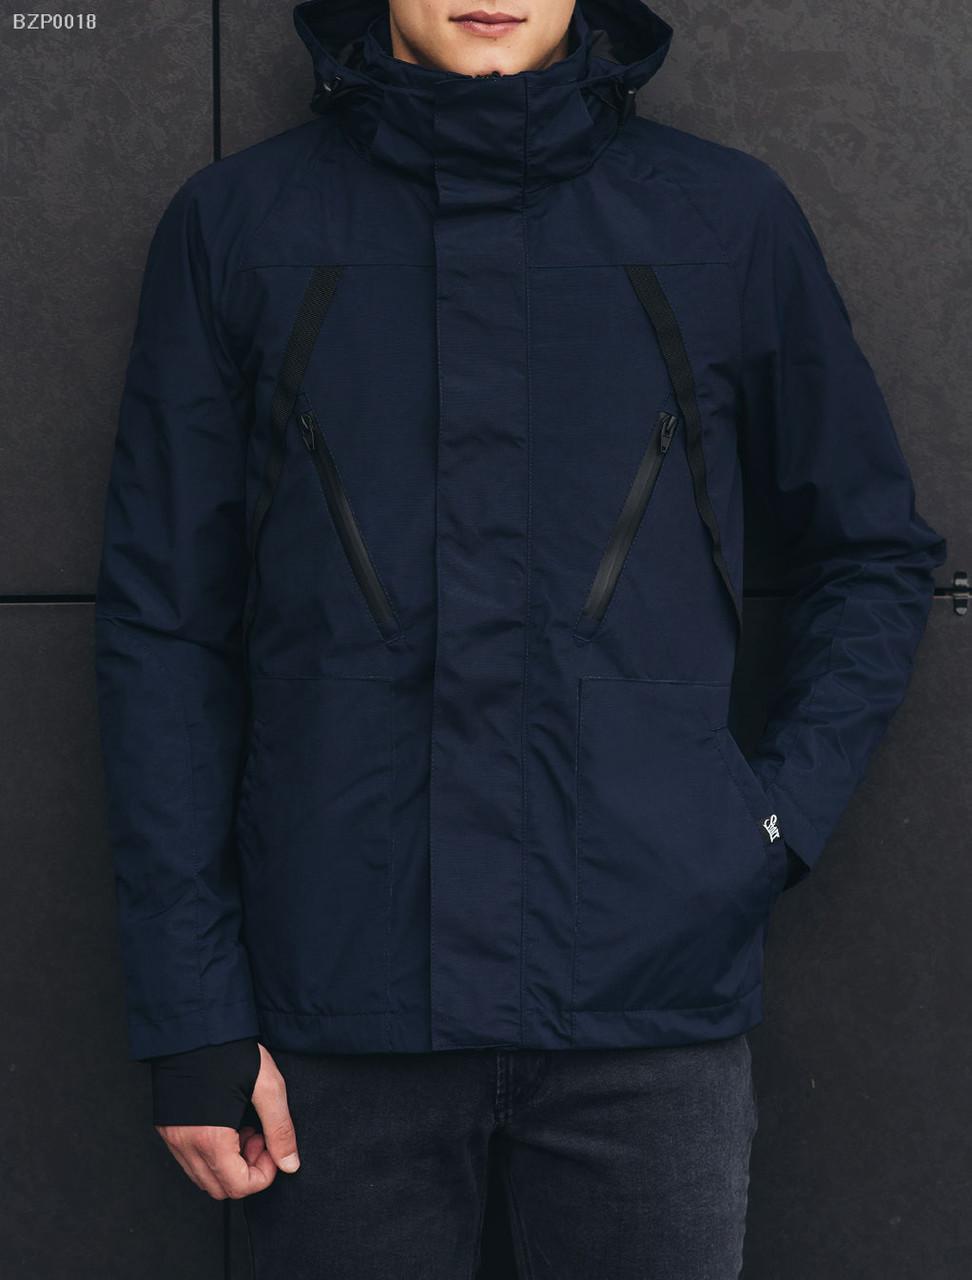 Куртка мужская весна осень Staff shott navy синяя демисезонная  непромокаемая с капюшоном (весенняя 49716dca57746